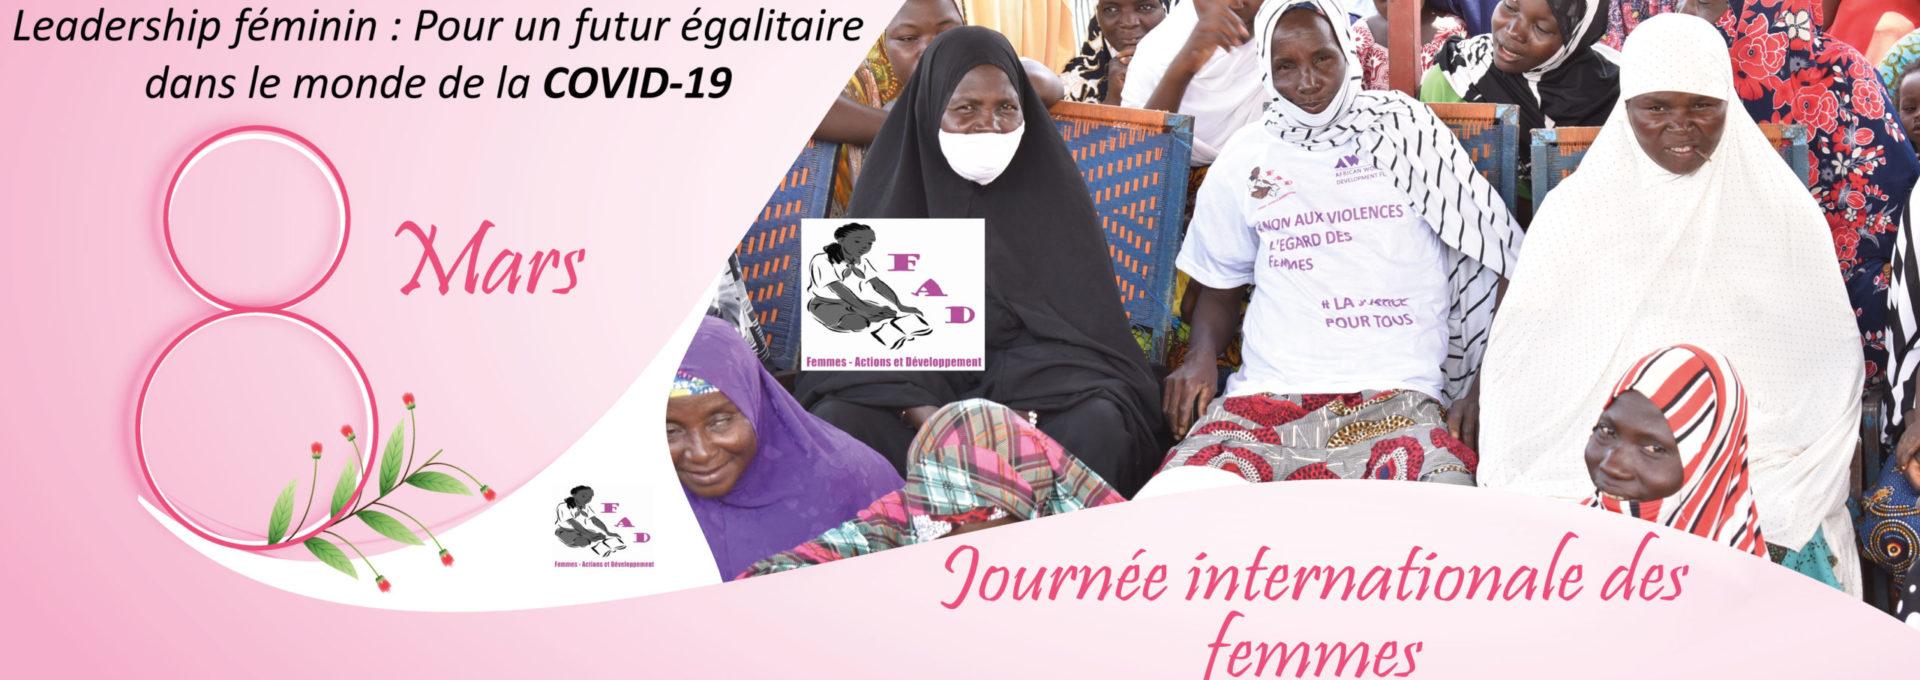 FEMMES, ACTIONS ET DEVELOPPEMENT